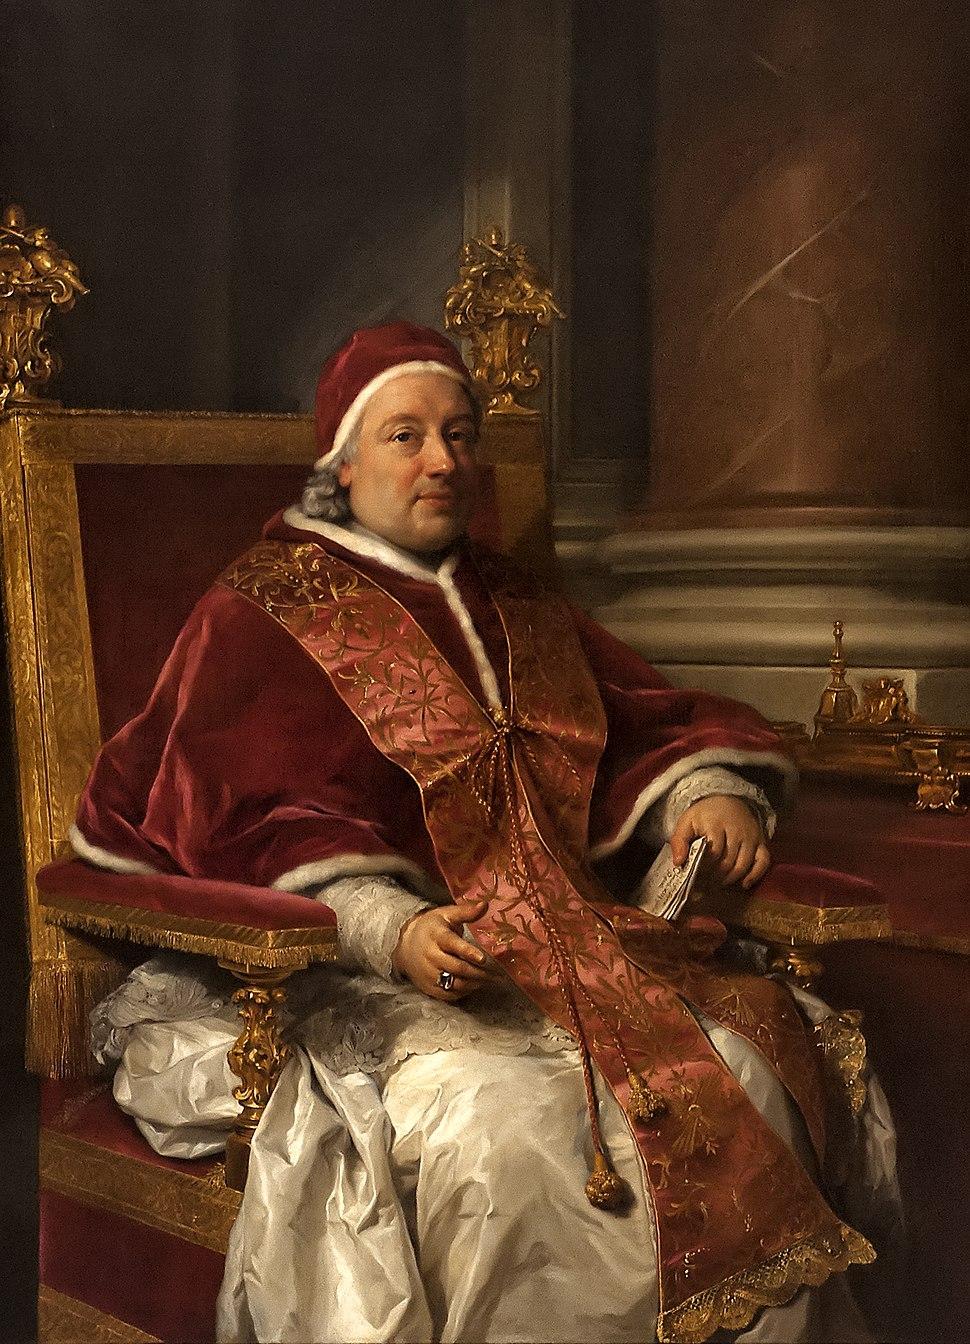 Anton Raphael Mengs (1728-1779) - Portret van paus Clemens XIII (1758) - Bologna Pinacoteca Nazionale - 26-04-2012 9-53-03